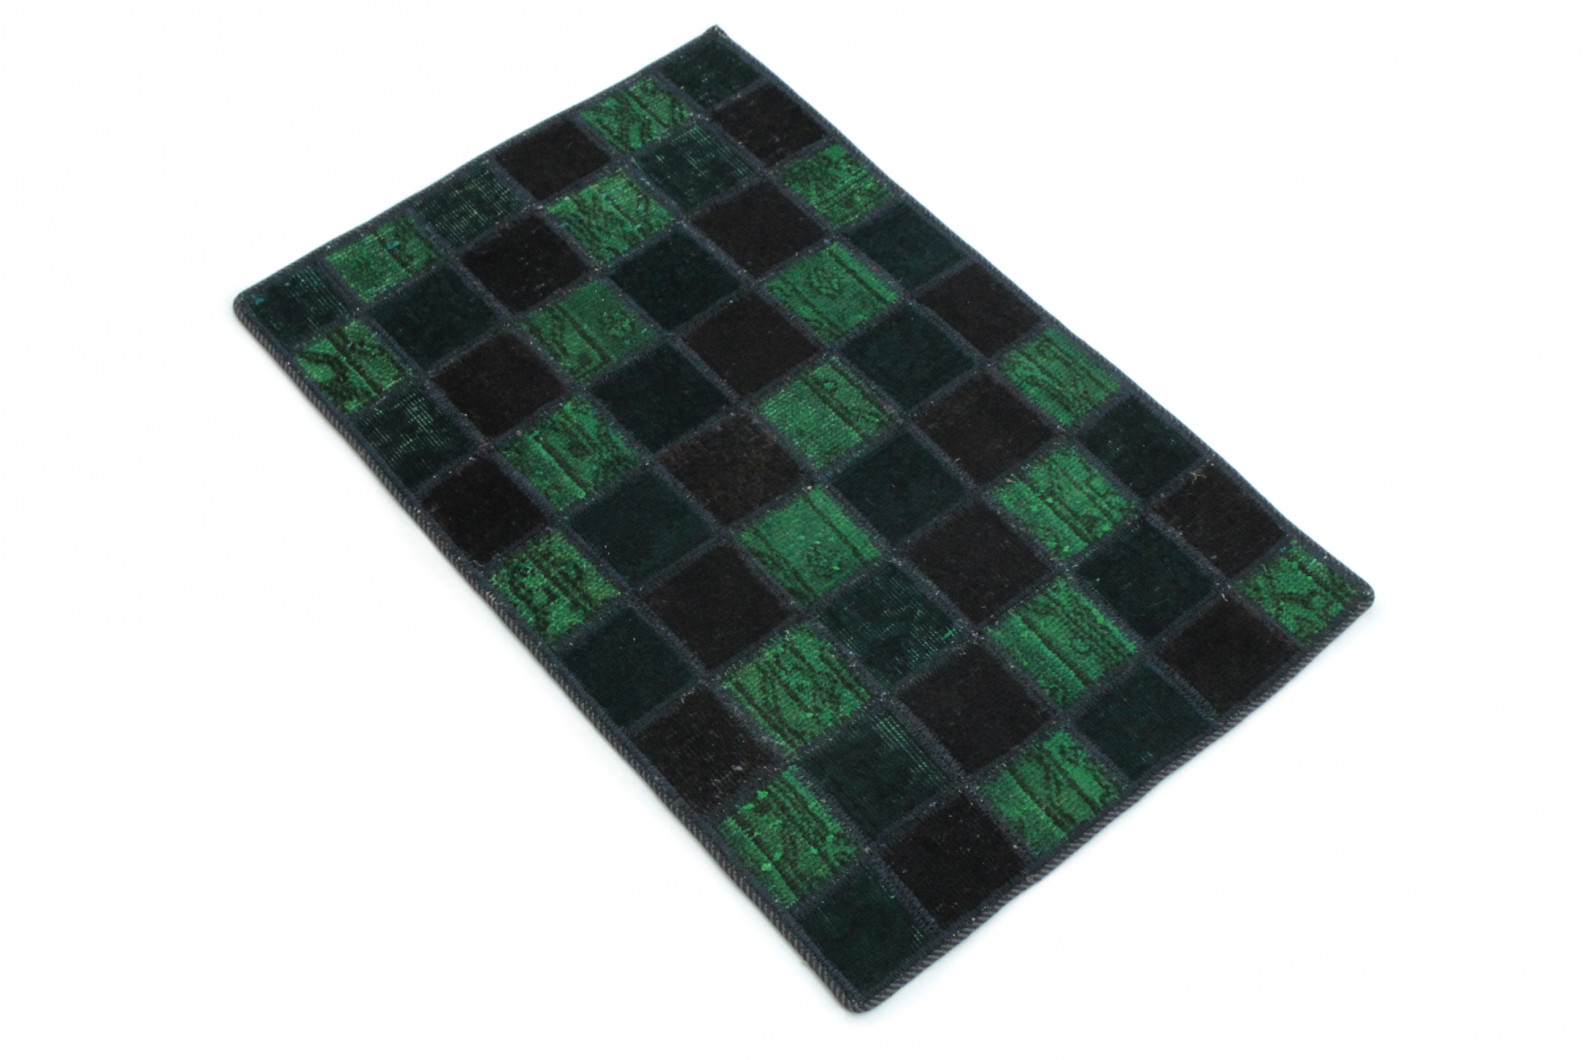 Teppich grün blau  Patchwork Teppich Grün Blau Schwarz in 90x60 (1001-167104) bei ...